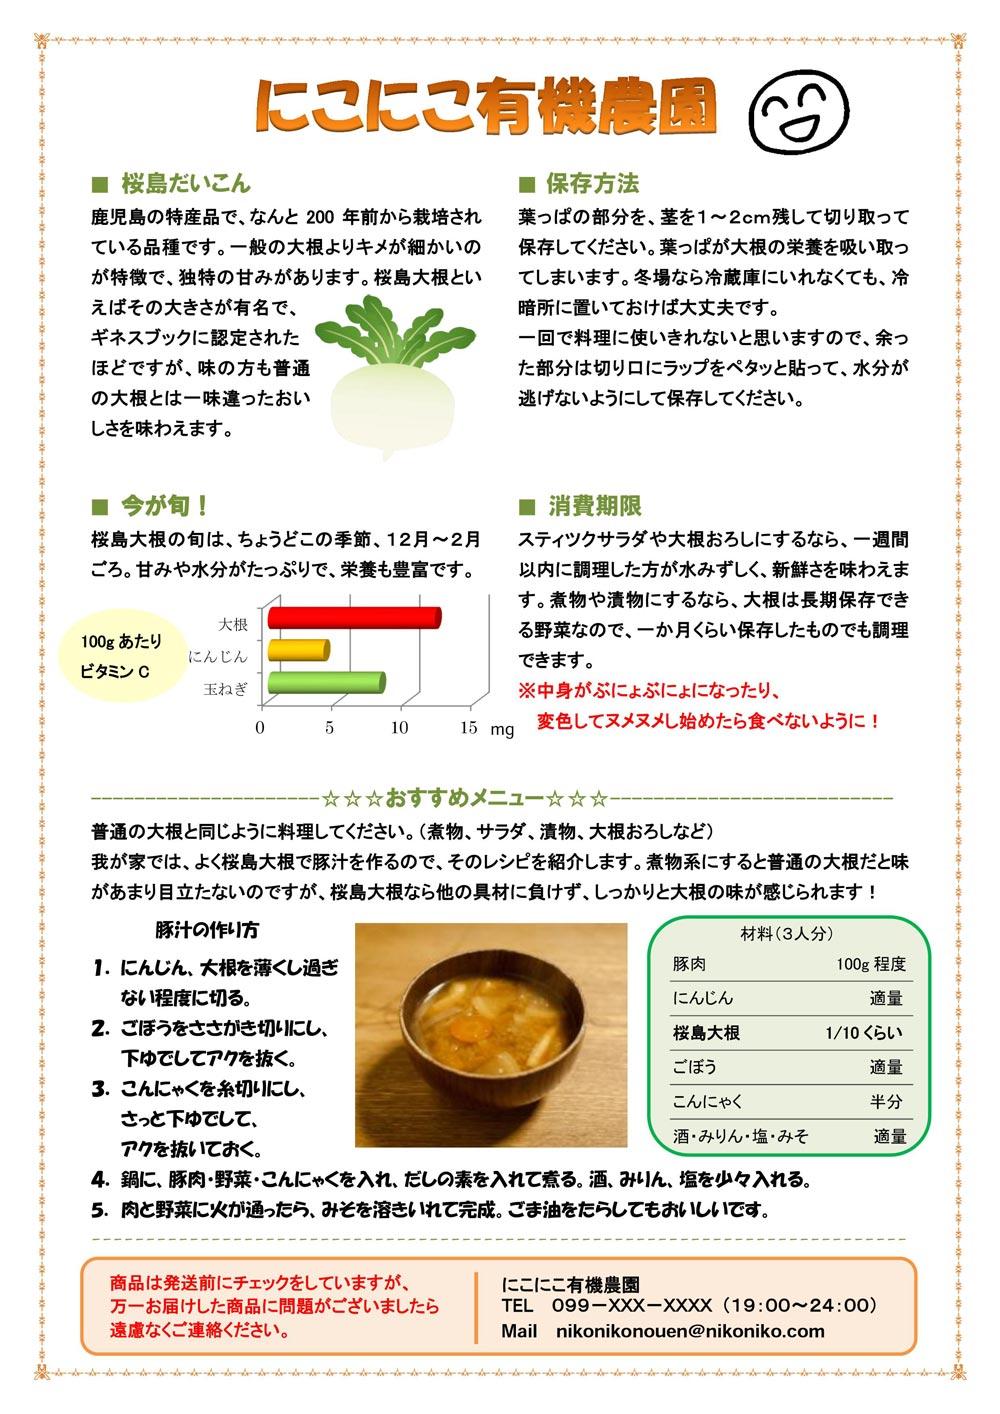 野菜・果物パンフレットの例